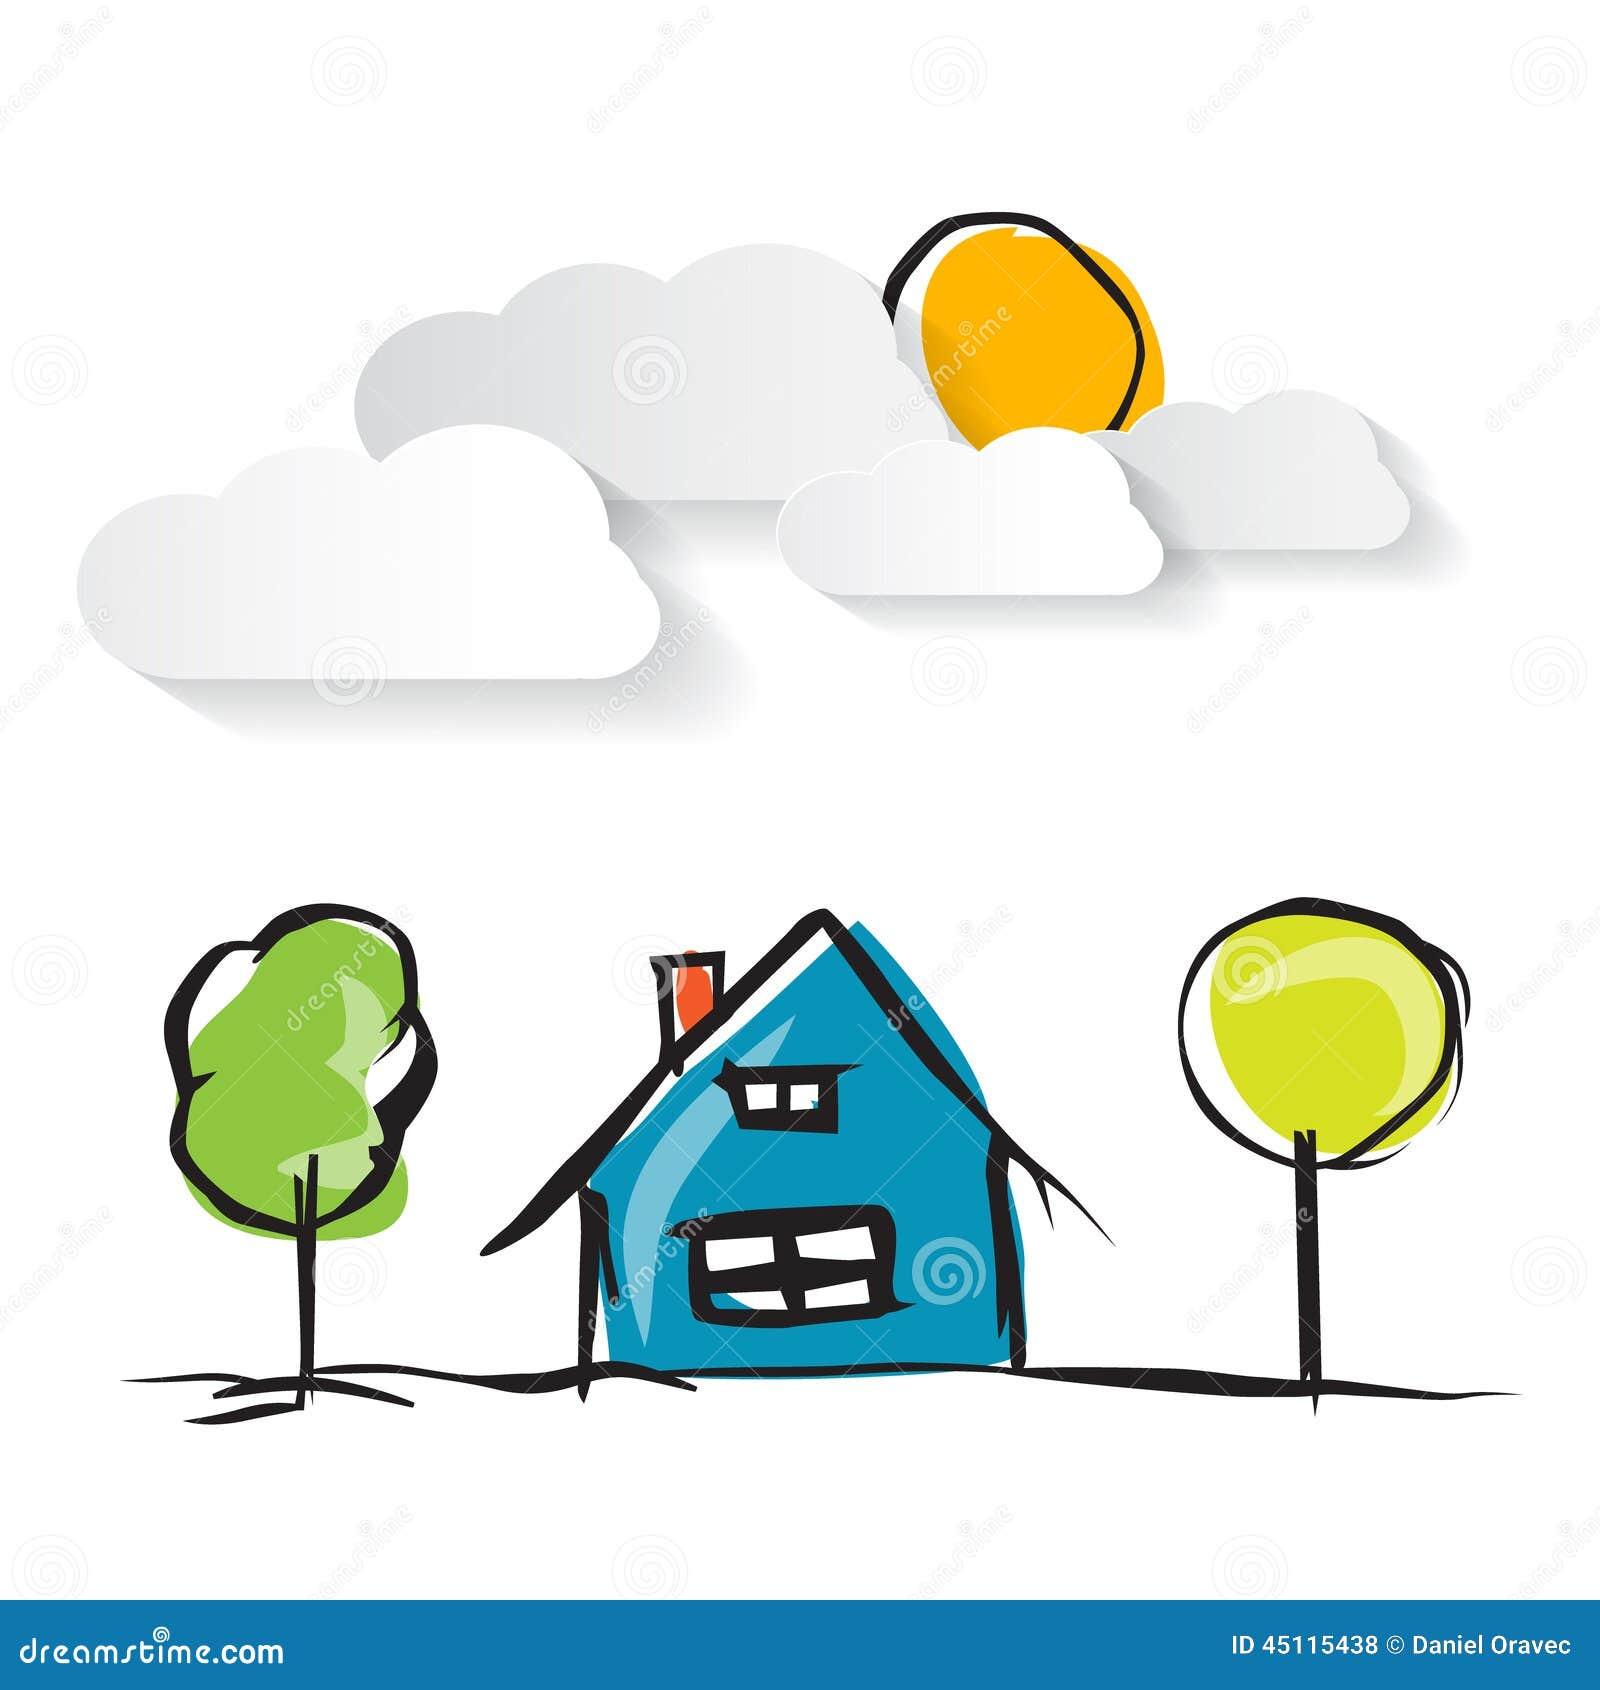 Haus Bild: Hand Gezeichnete Haus-Illustration Mit Papierwolken Vektor